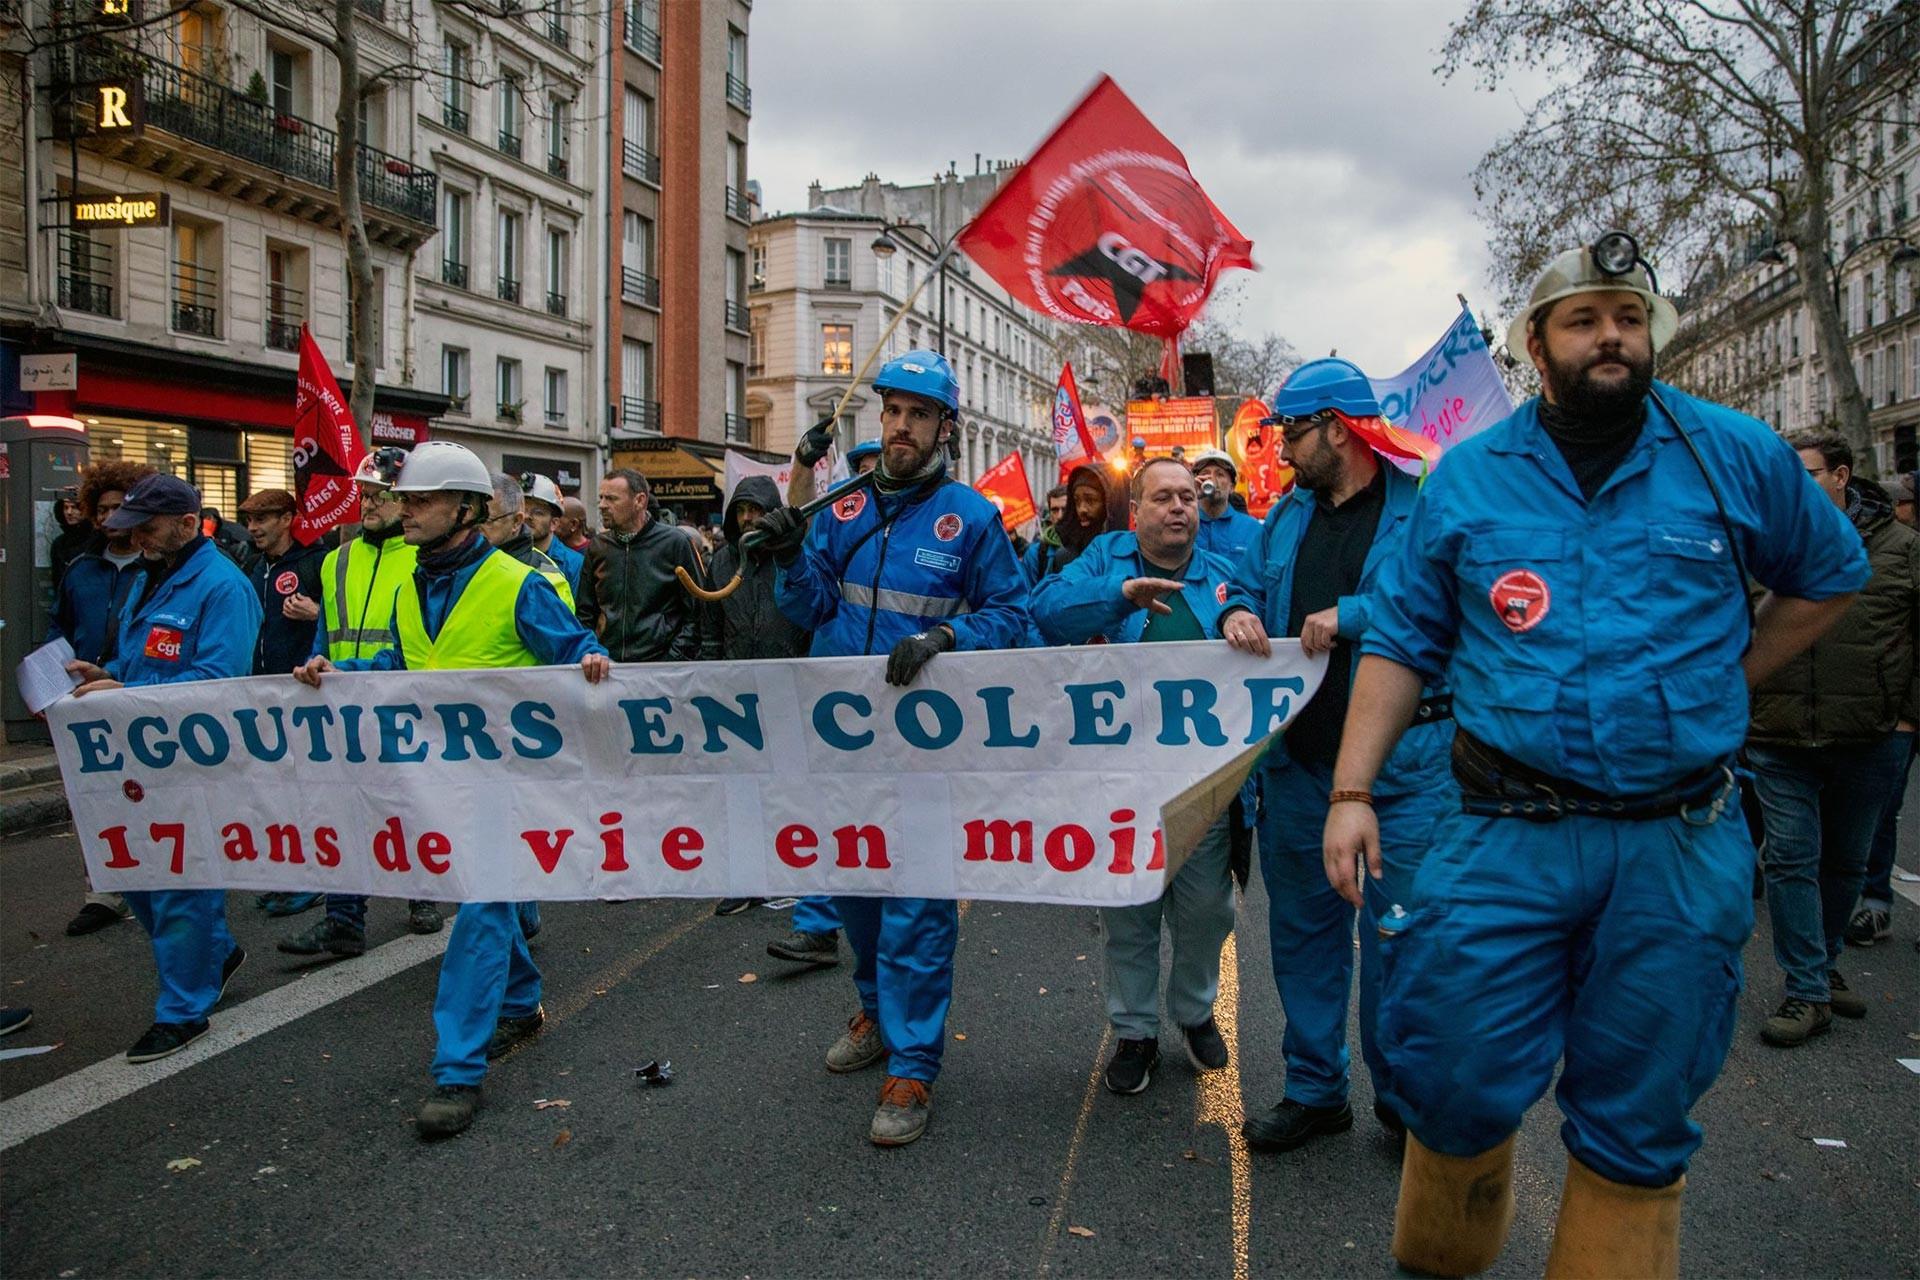 Fransa'da grev üzerine yürüyüş yapan işçiler